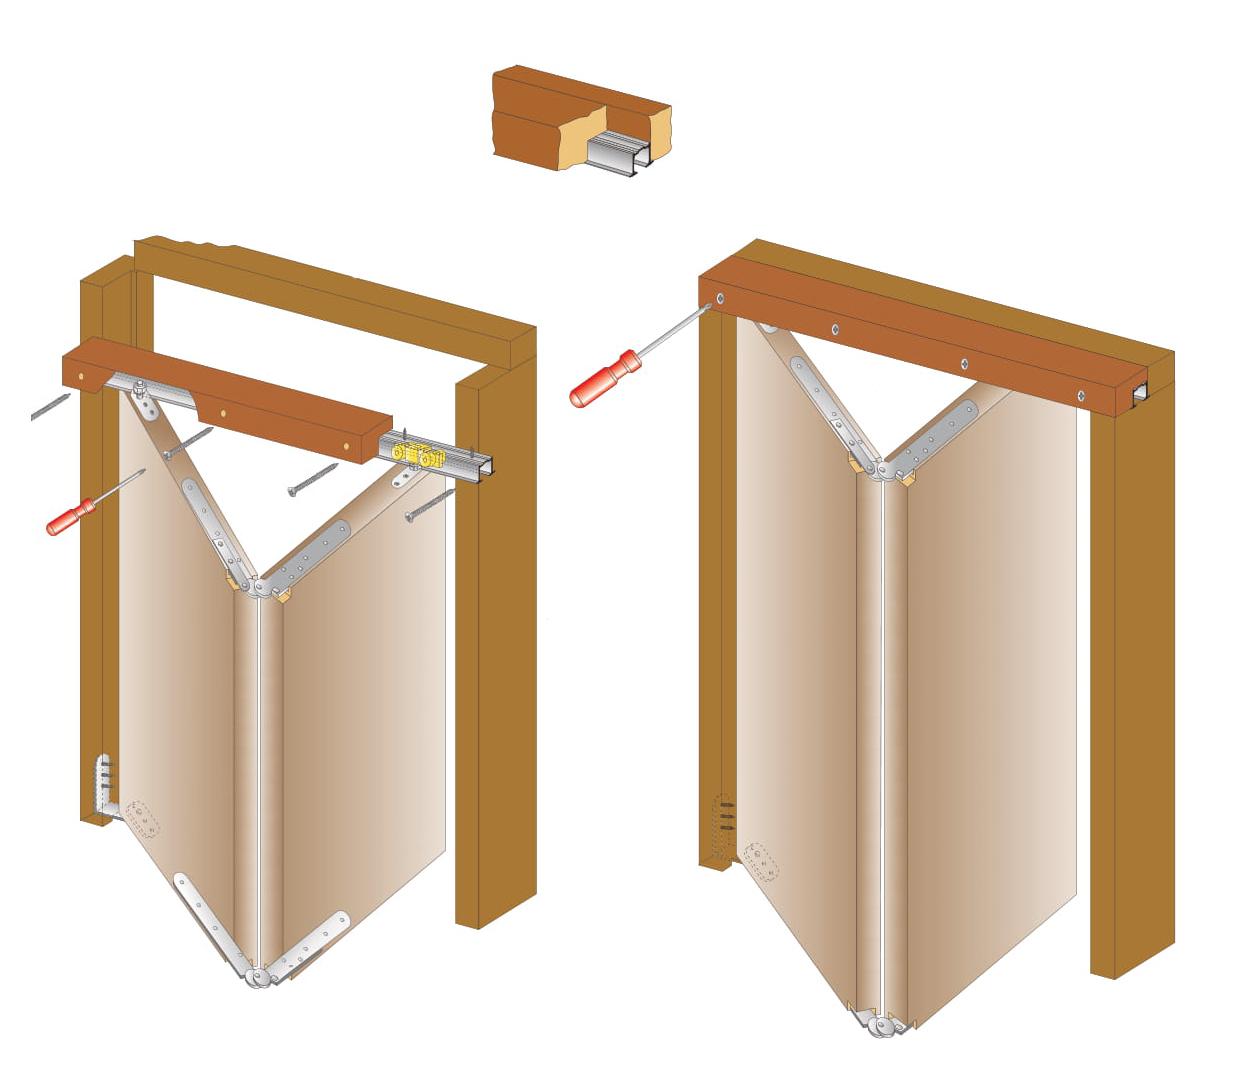 Направляющая верхняя Porte a Libro алюм. 30кг, 6м (альт. т2670/А)